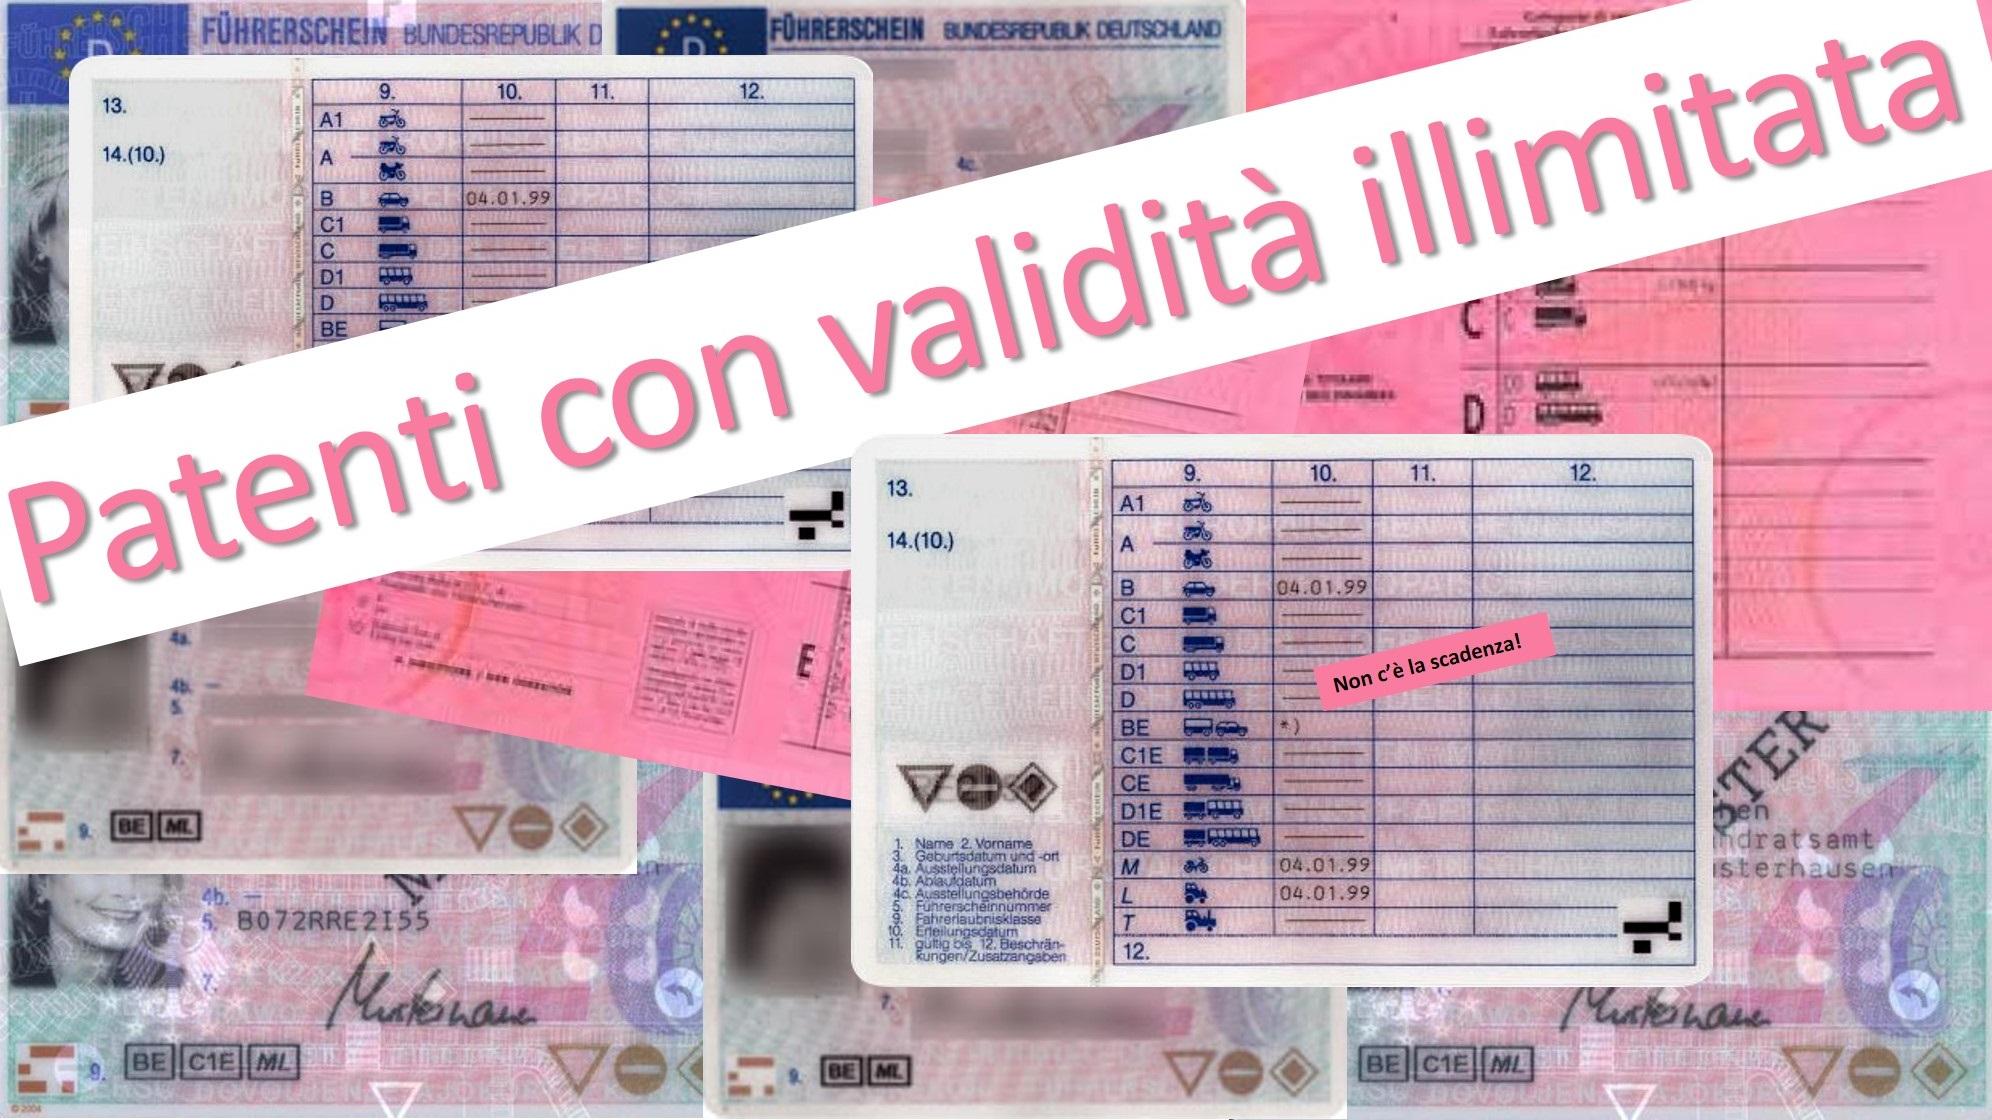 patenteonline - cittadino europeo ma con patente a validità